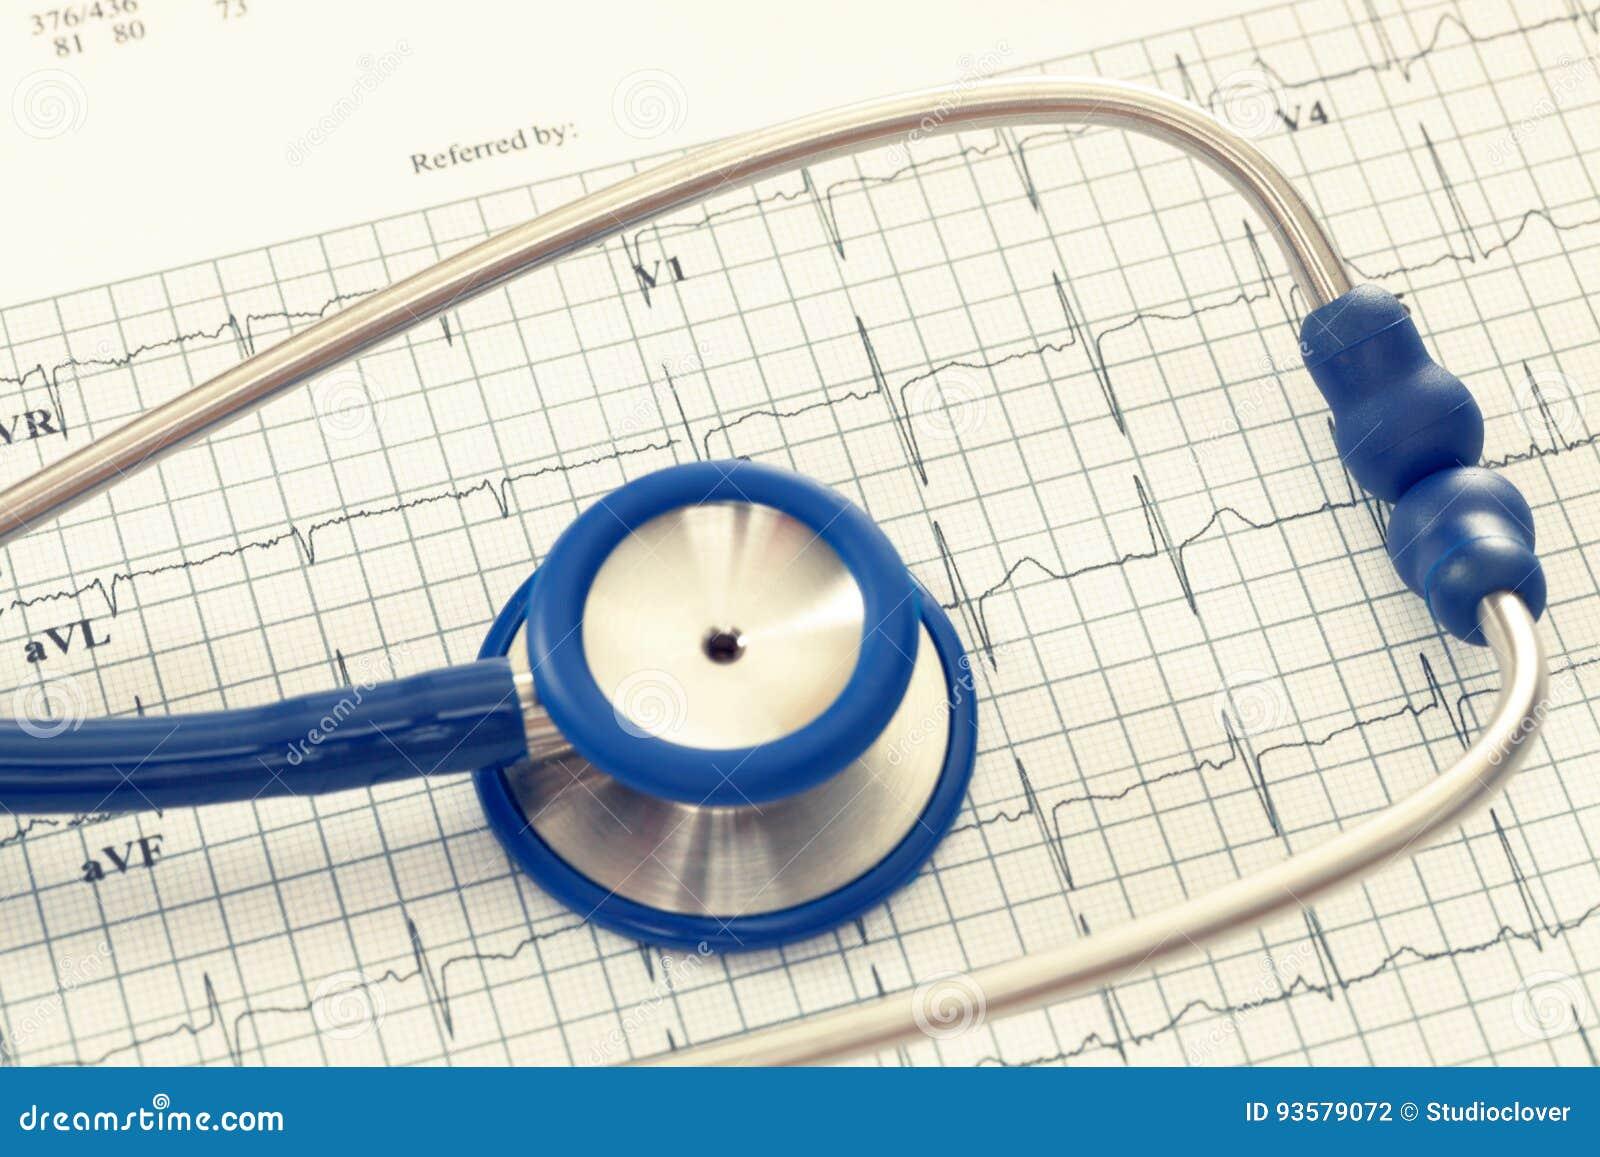 Stethoscoop met de grafiek van ekgcardiogrammen Gefiltreerd beeld: kruis verwerkt uitstekend effect